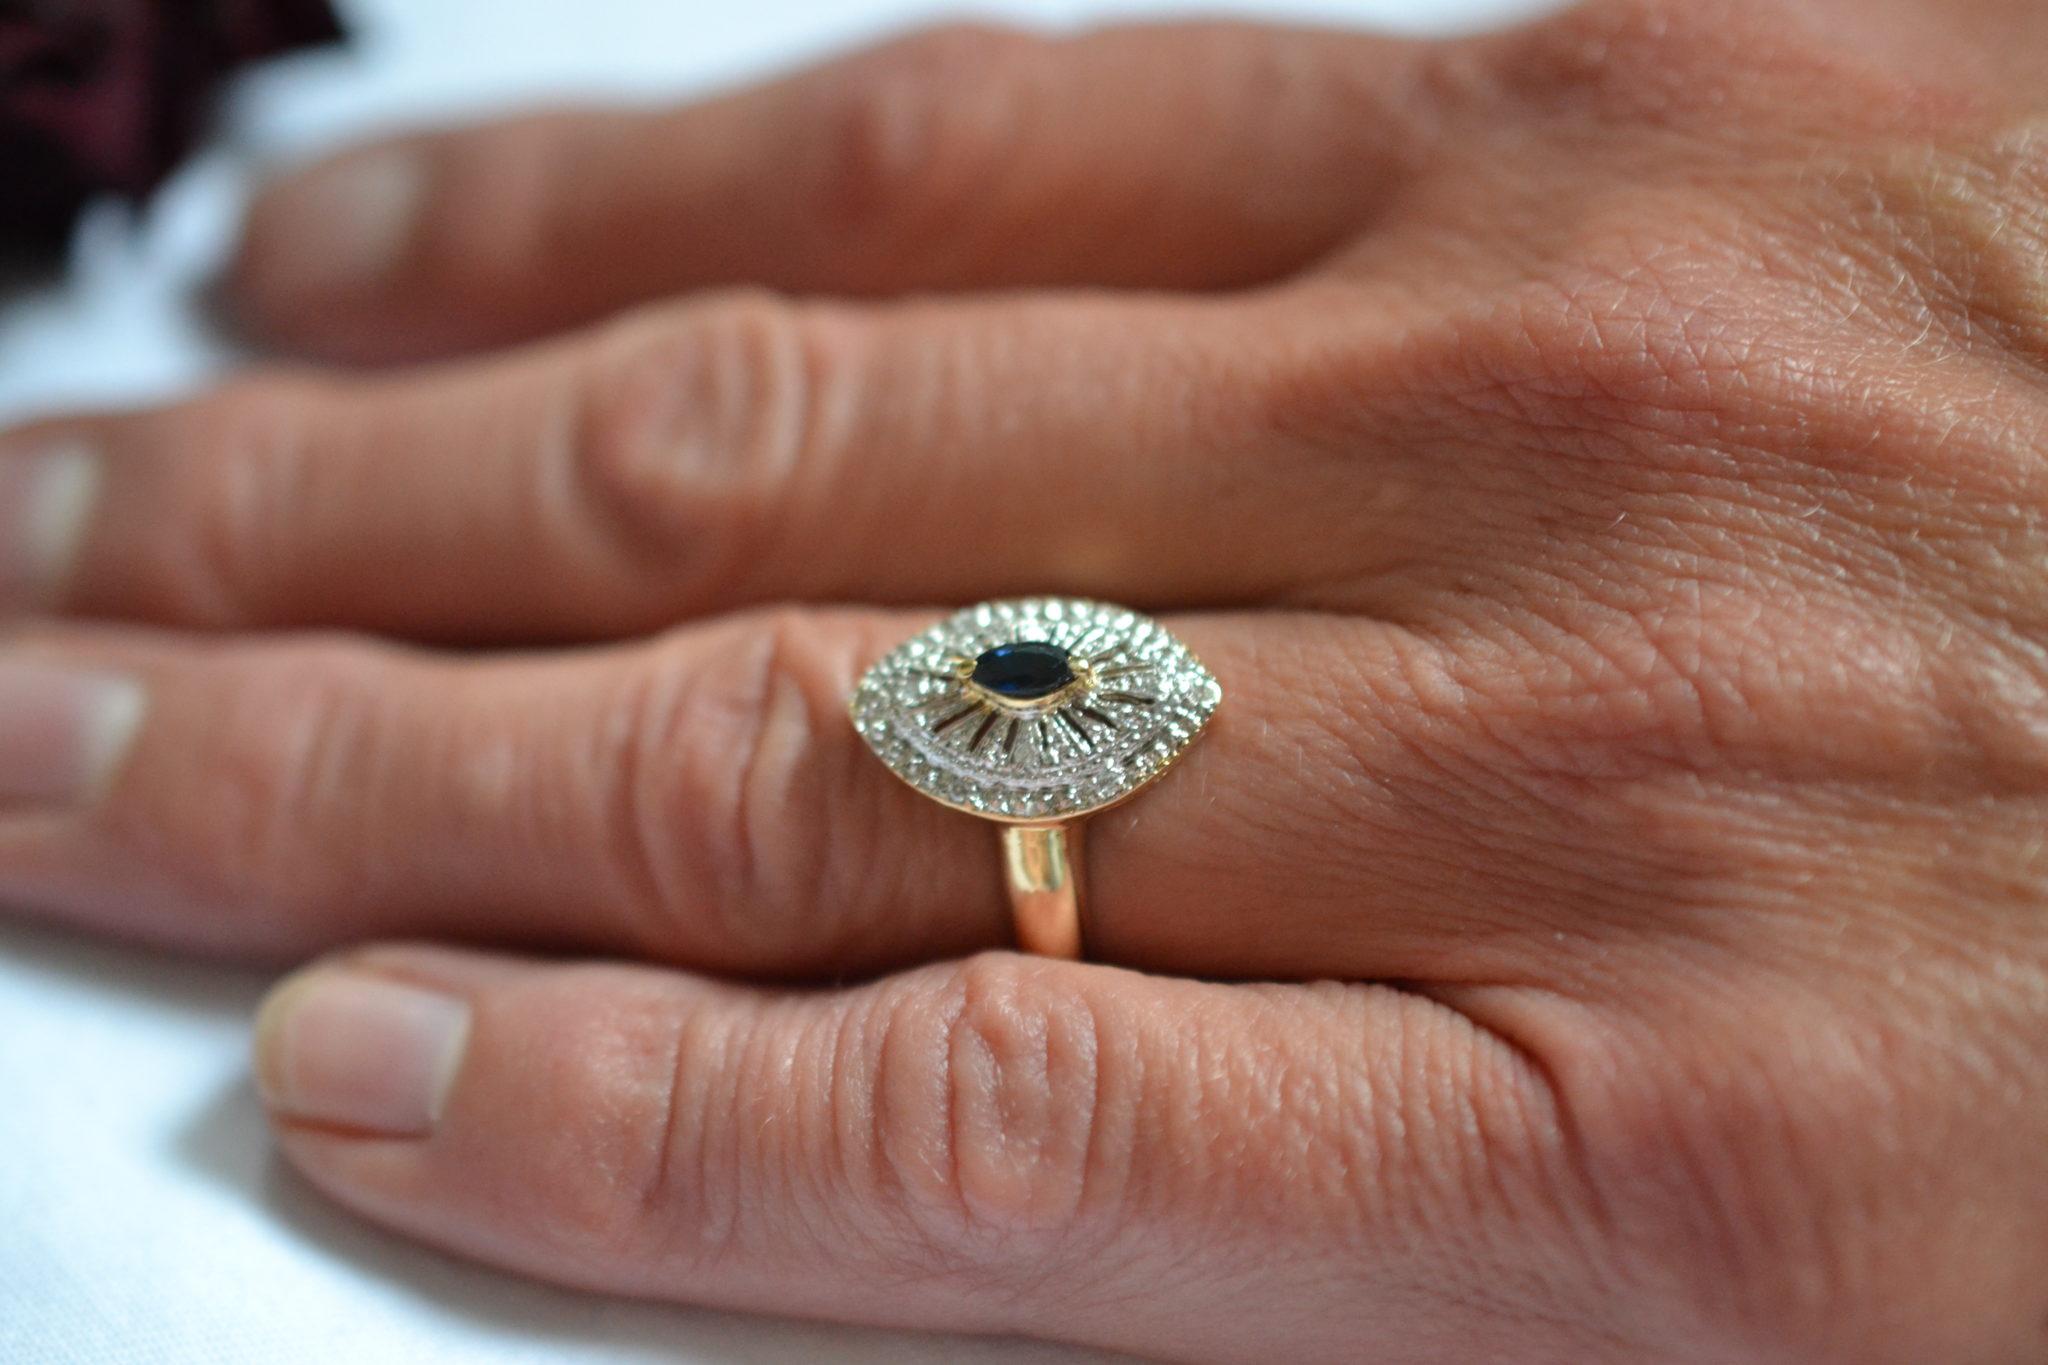 Bague en forme de navette ornée d'un Saphir central et de diamants bague éthique